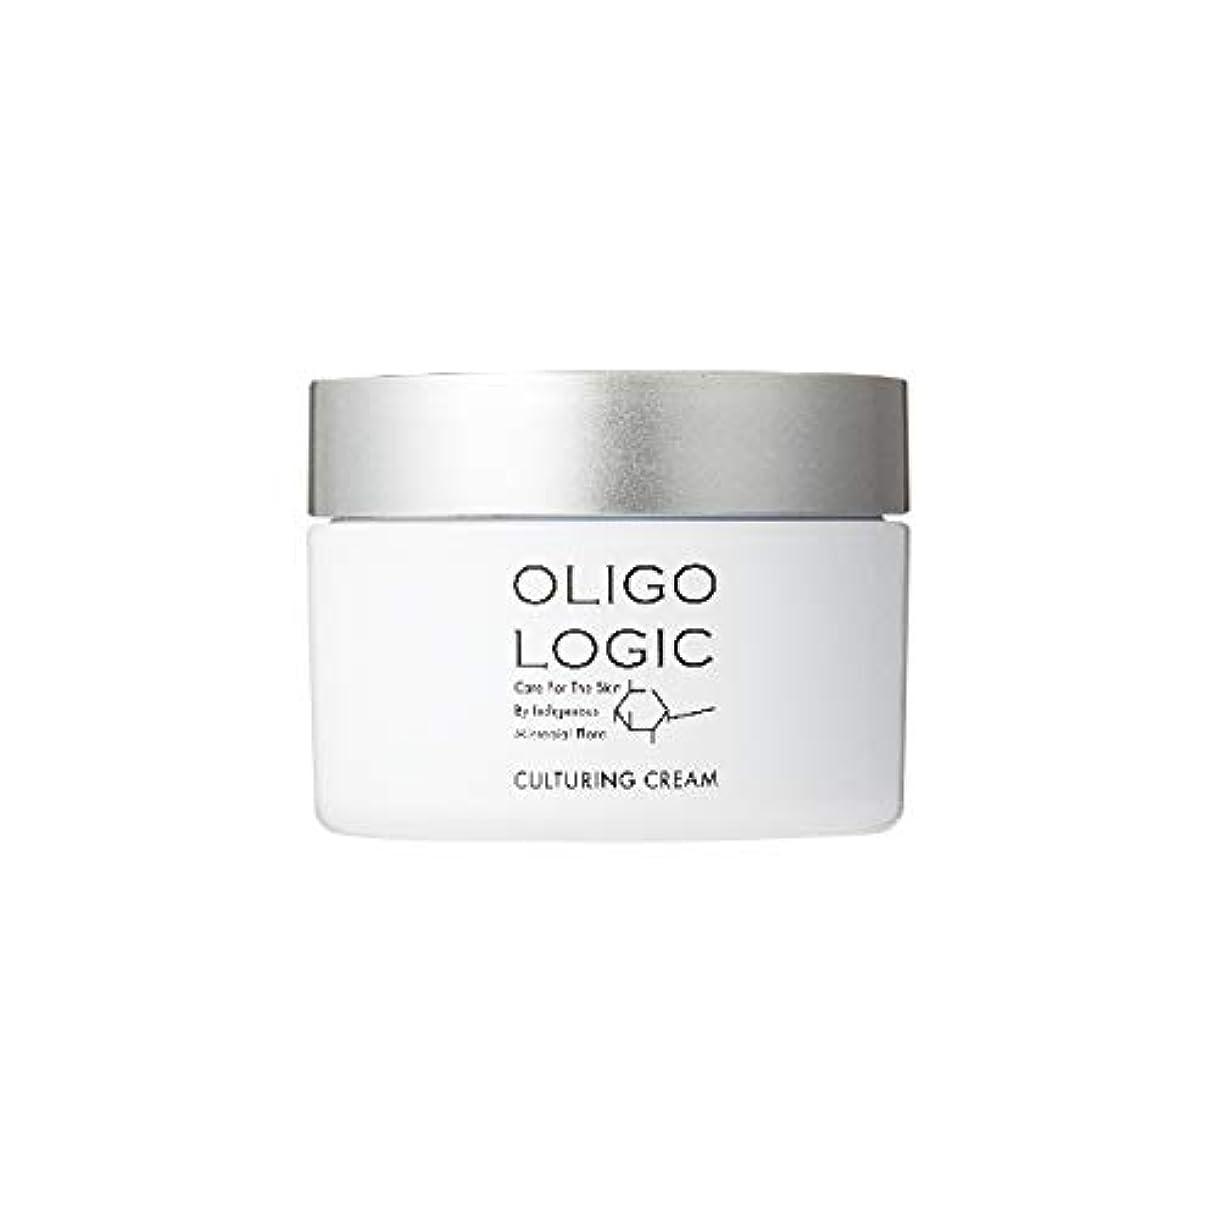 誤って落ち着いた伝えるオリゴロジック (oligologic) オリゴロジック カルチャリングクリーム 80g (美容クリーム)